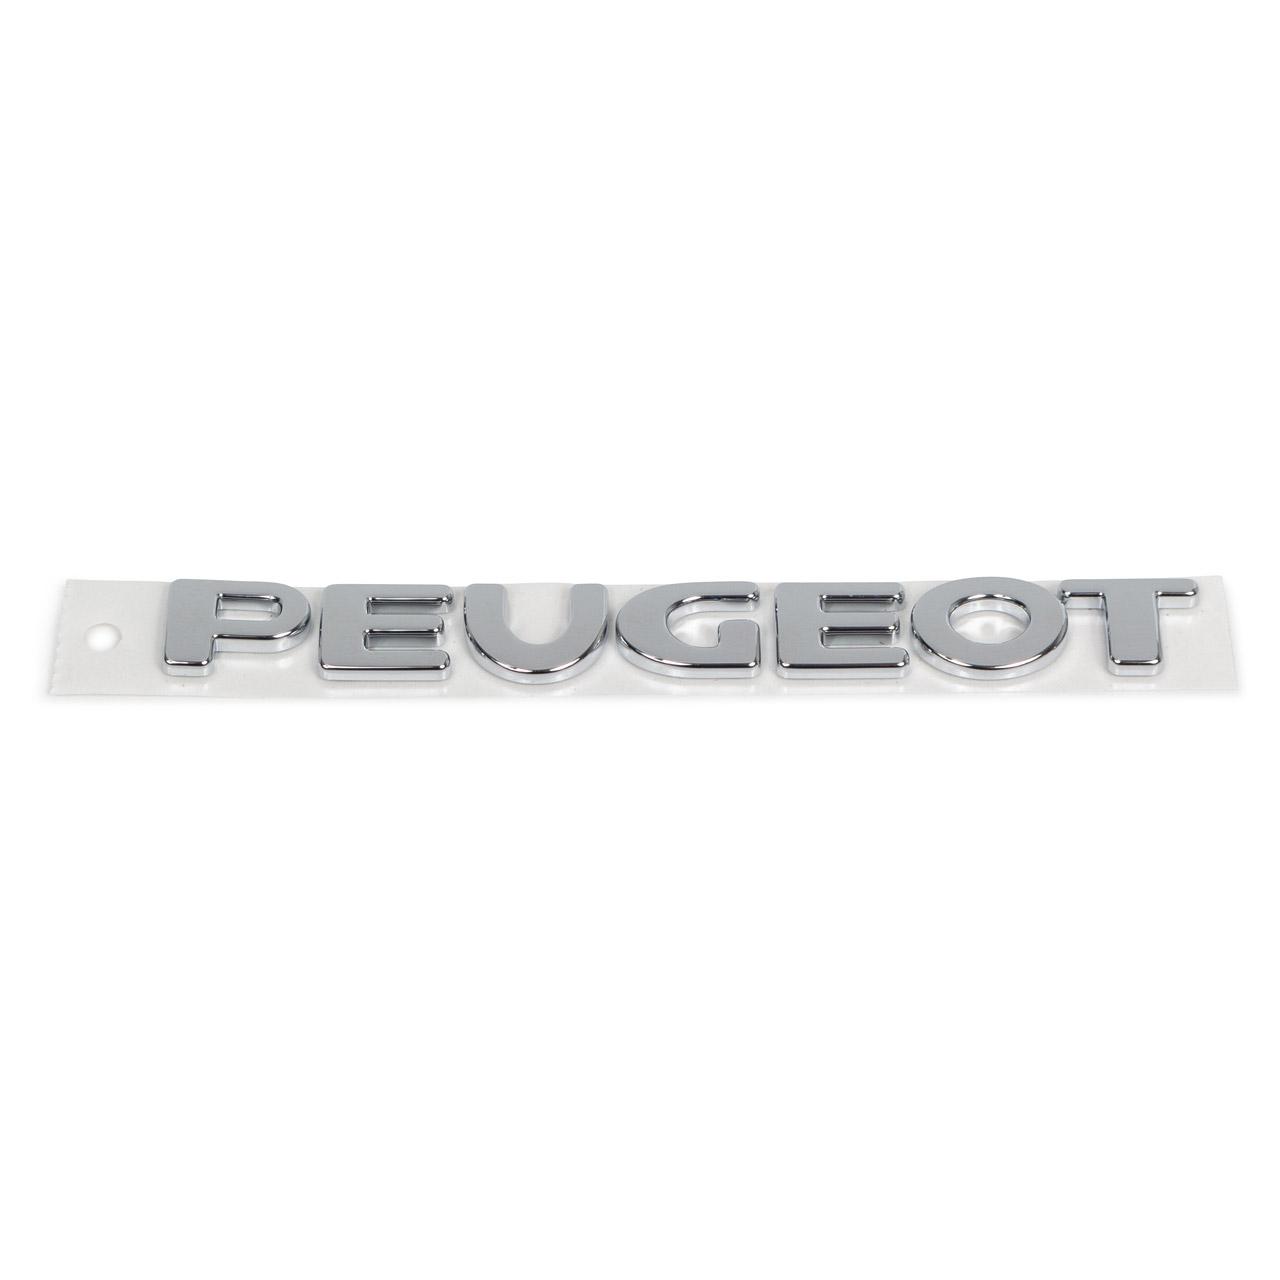 ORIGINAL Peugeot Emblem Plakette Schriftzug Heckklappe 107 hinten 8665.NN